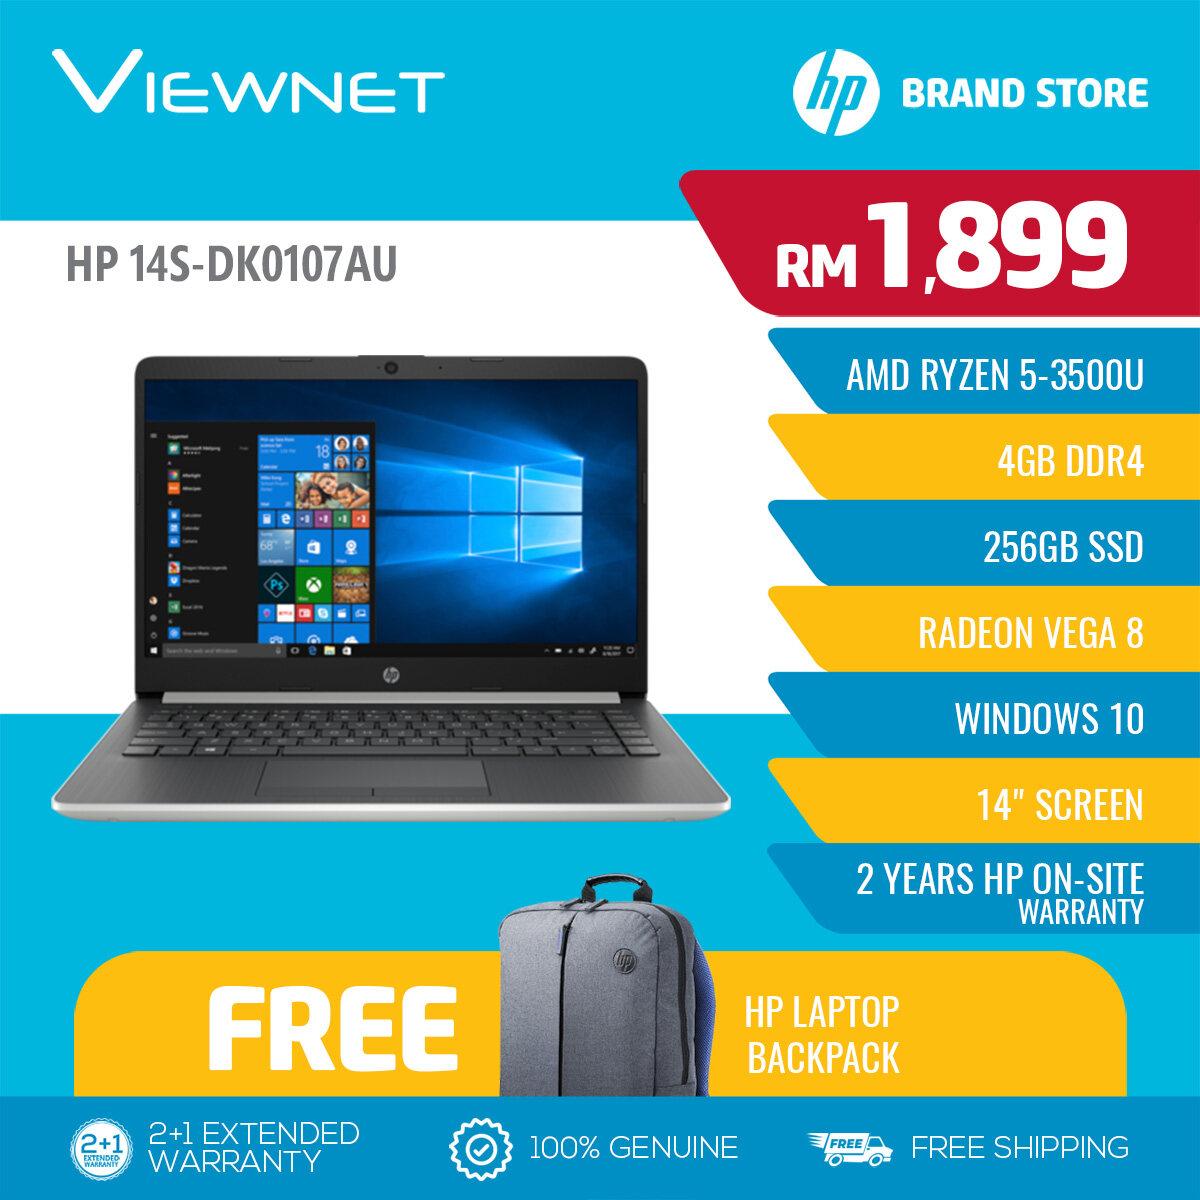 HP Notebook 14S-DK0107AU 14 AMD Ryzen 5-3500U, 4GB DDR4 , 256GB SSD ,Radeon Vega 8 Windows 10, Silver Color Malaysia